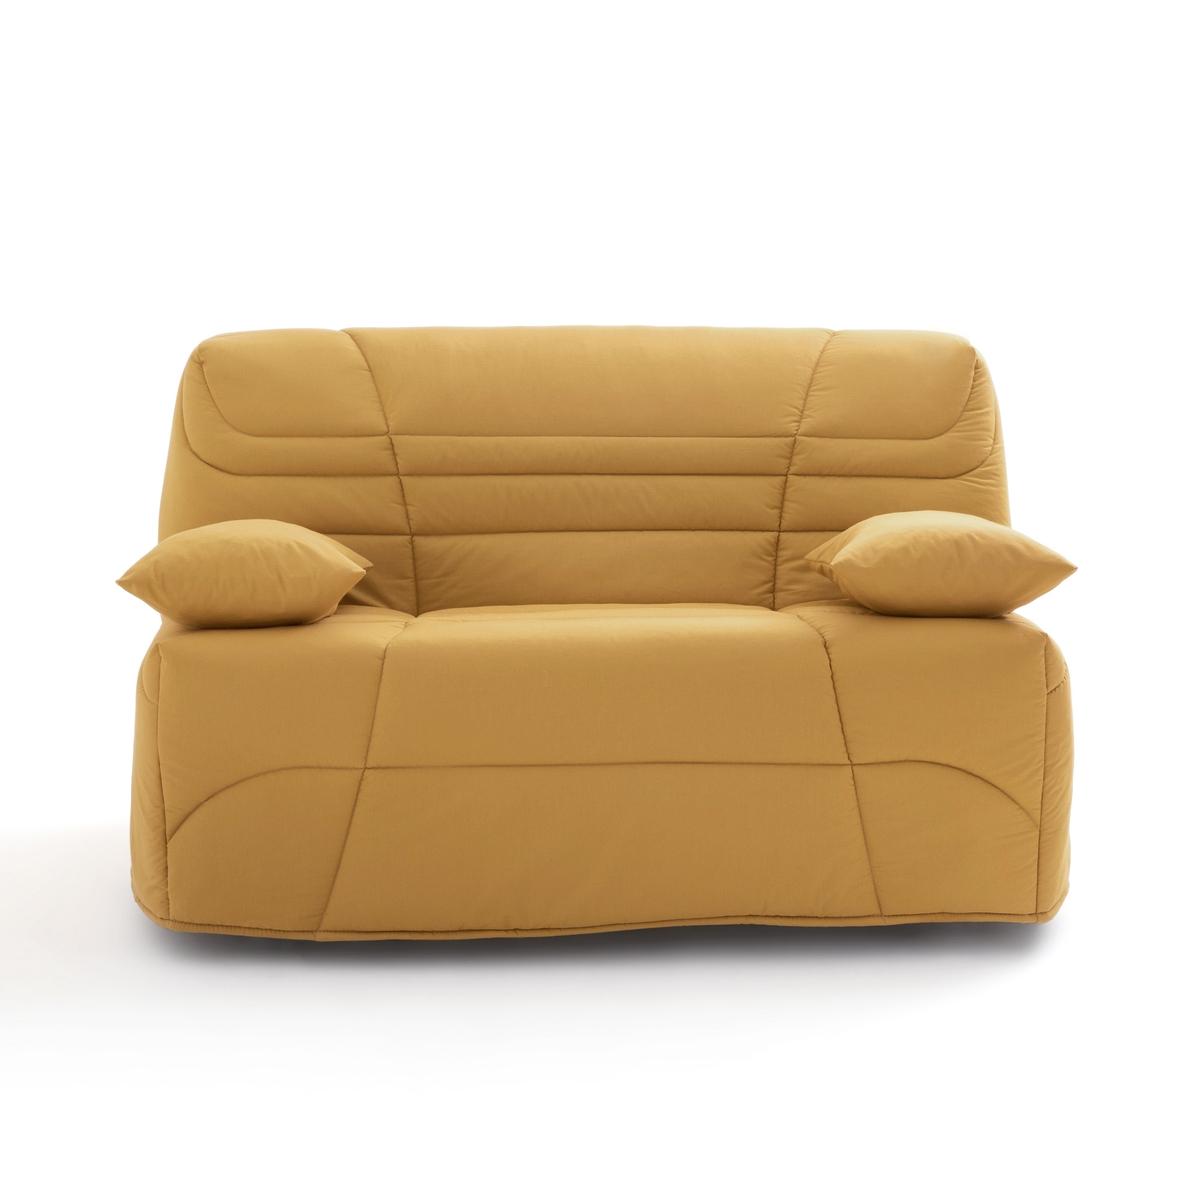 Чехол La Redoute Стеганый для дивана-книжки толщина см 90 x 190 см желтый матрас la redoute хлопчатобумажный с покрытием из латекса для дивана tha 90 x 190 см серый